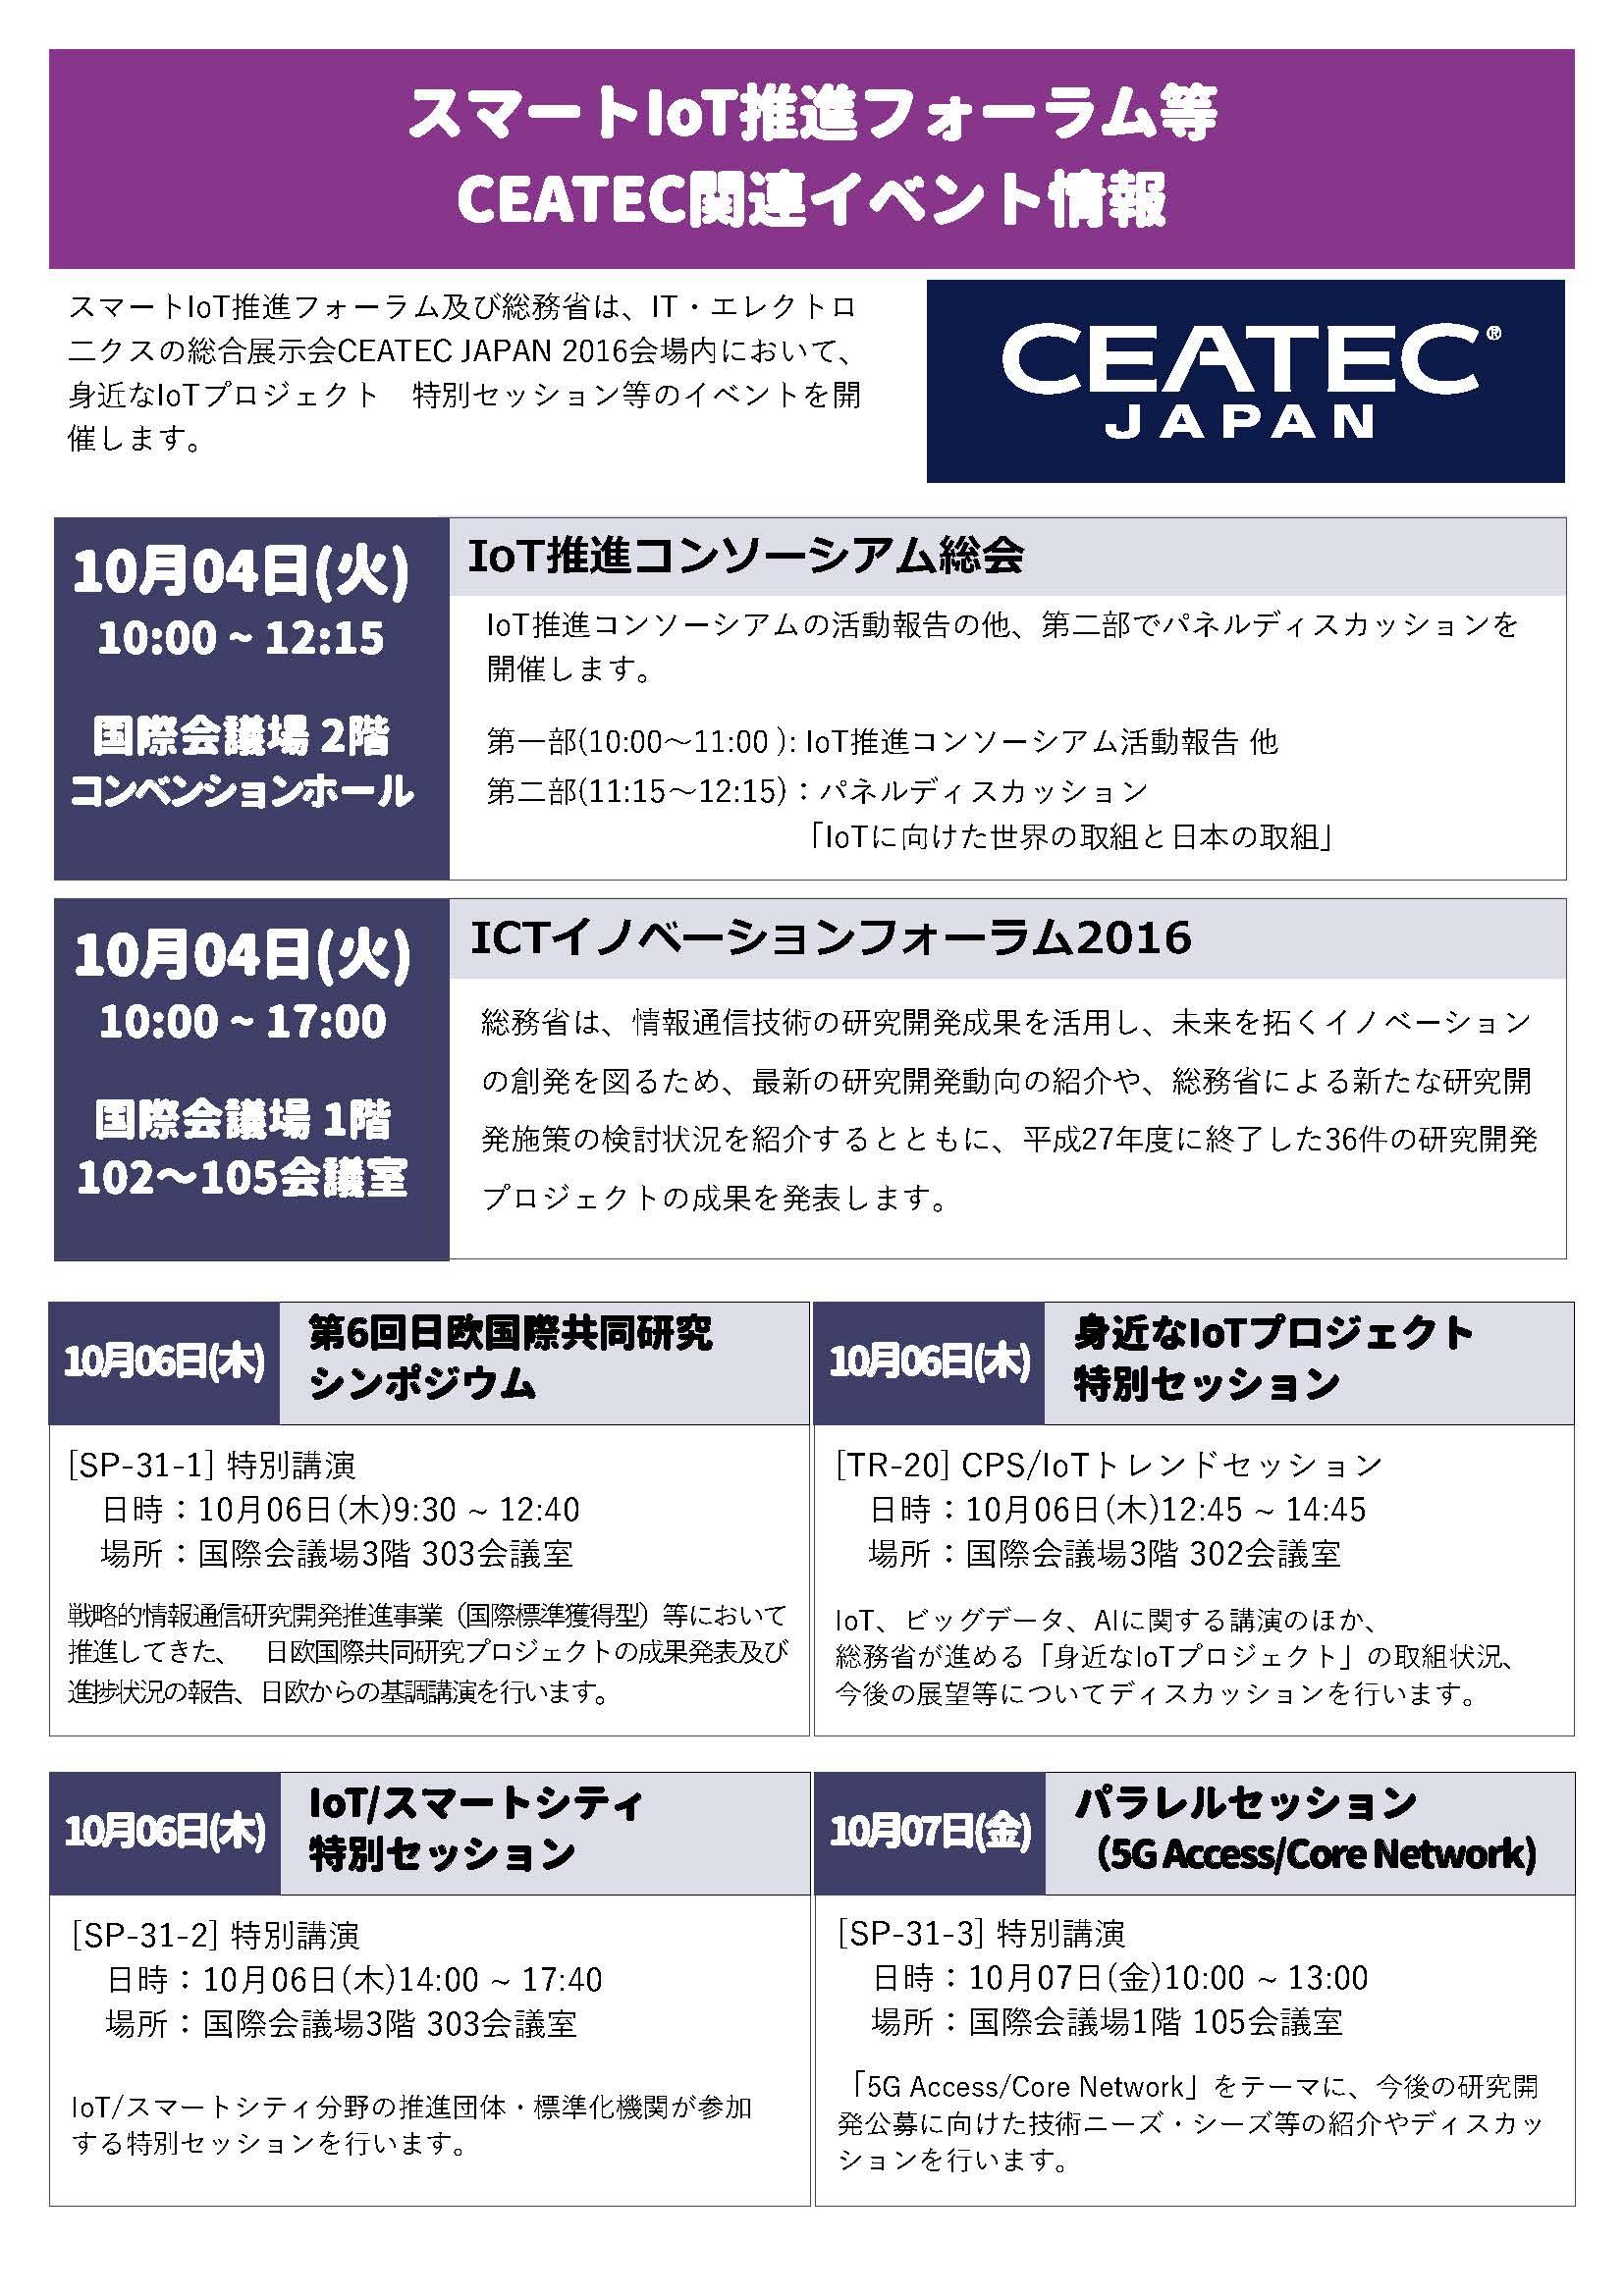 smaratiot-forum-CEATEC2016.jpg